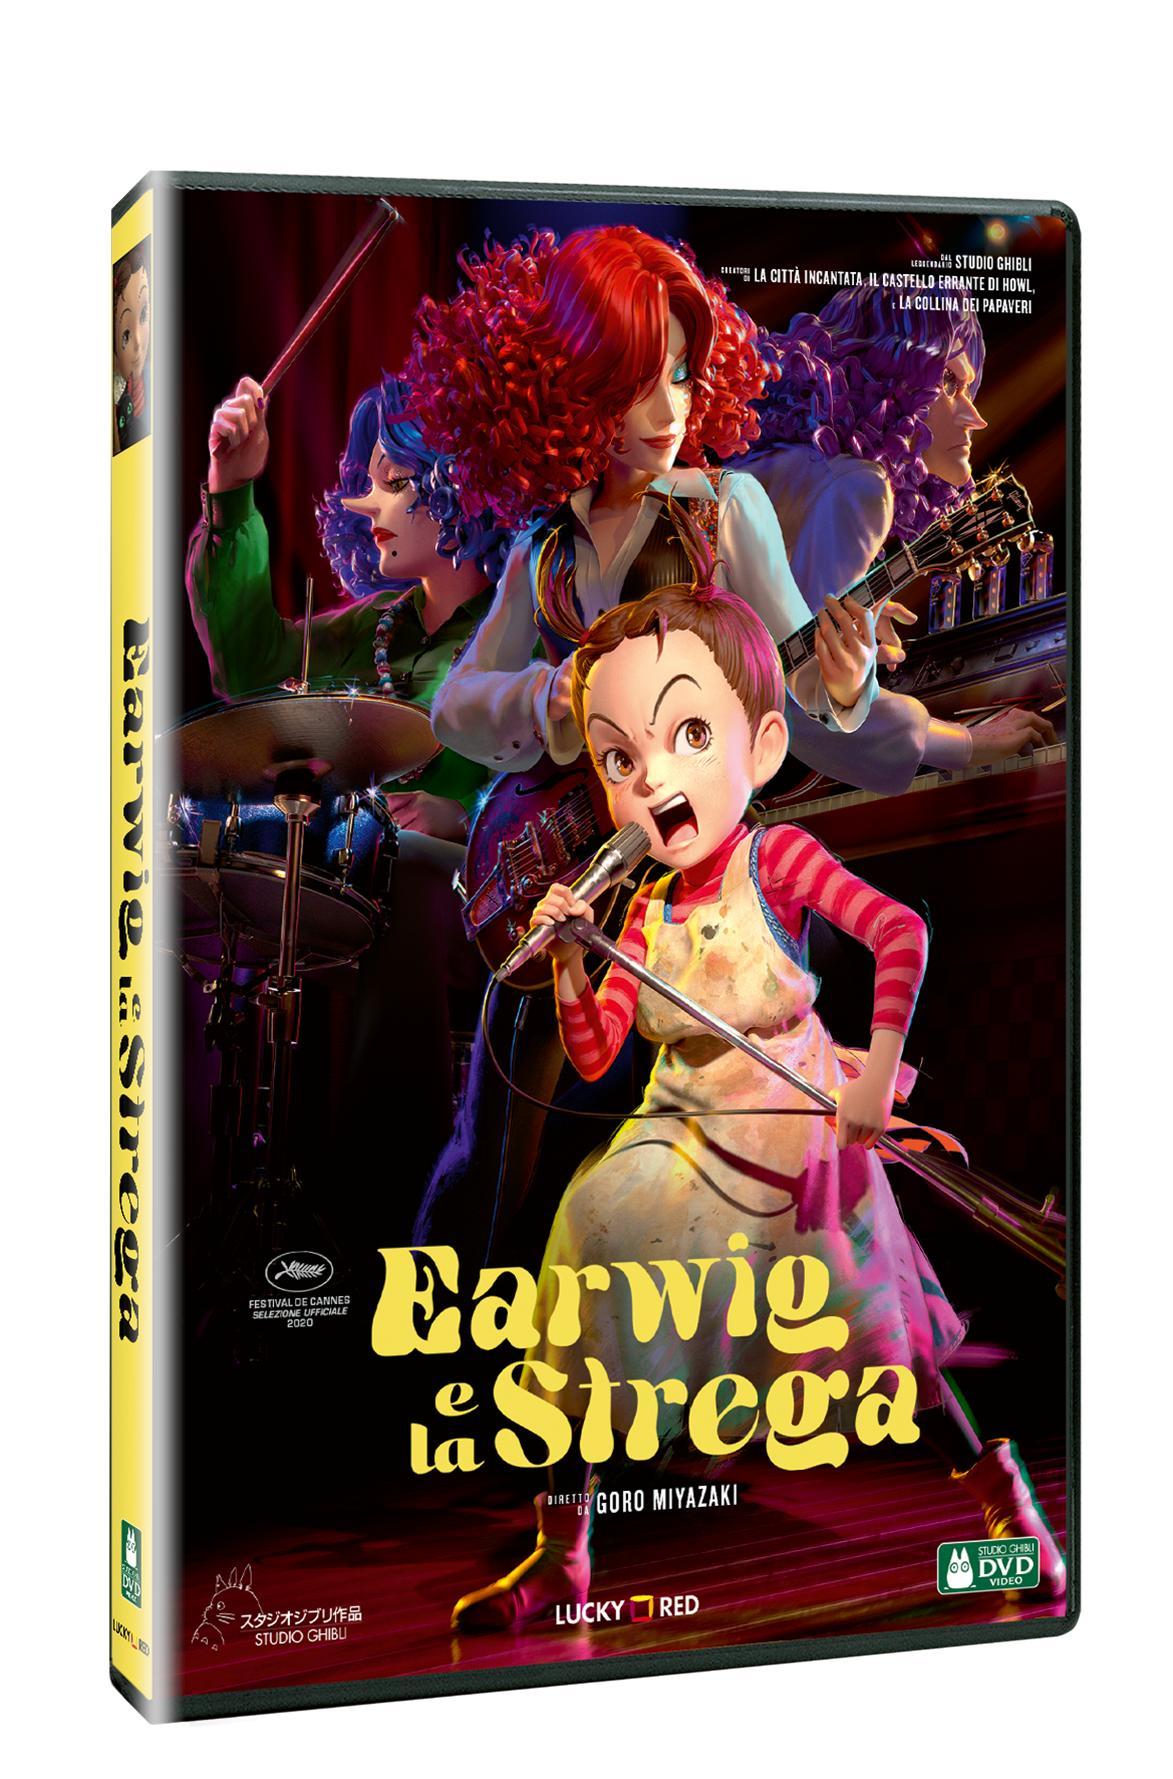 EARWIG E LA STREGA (DVD)